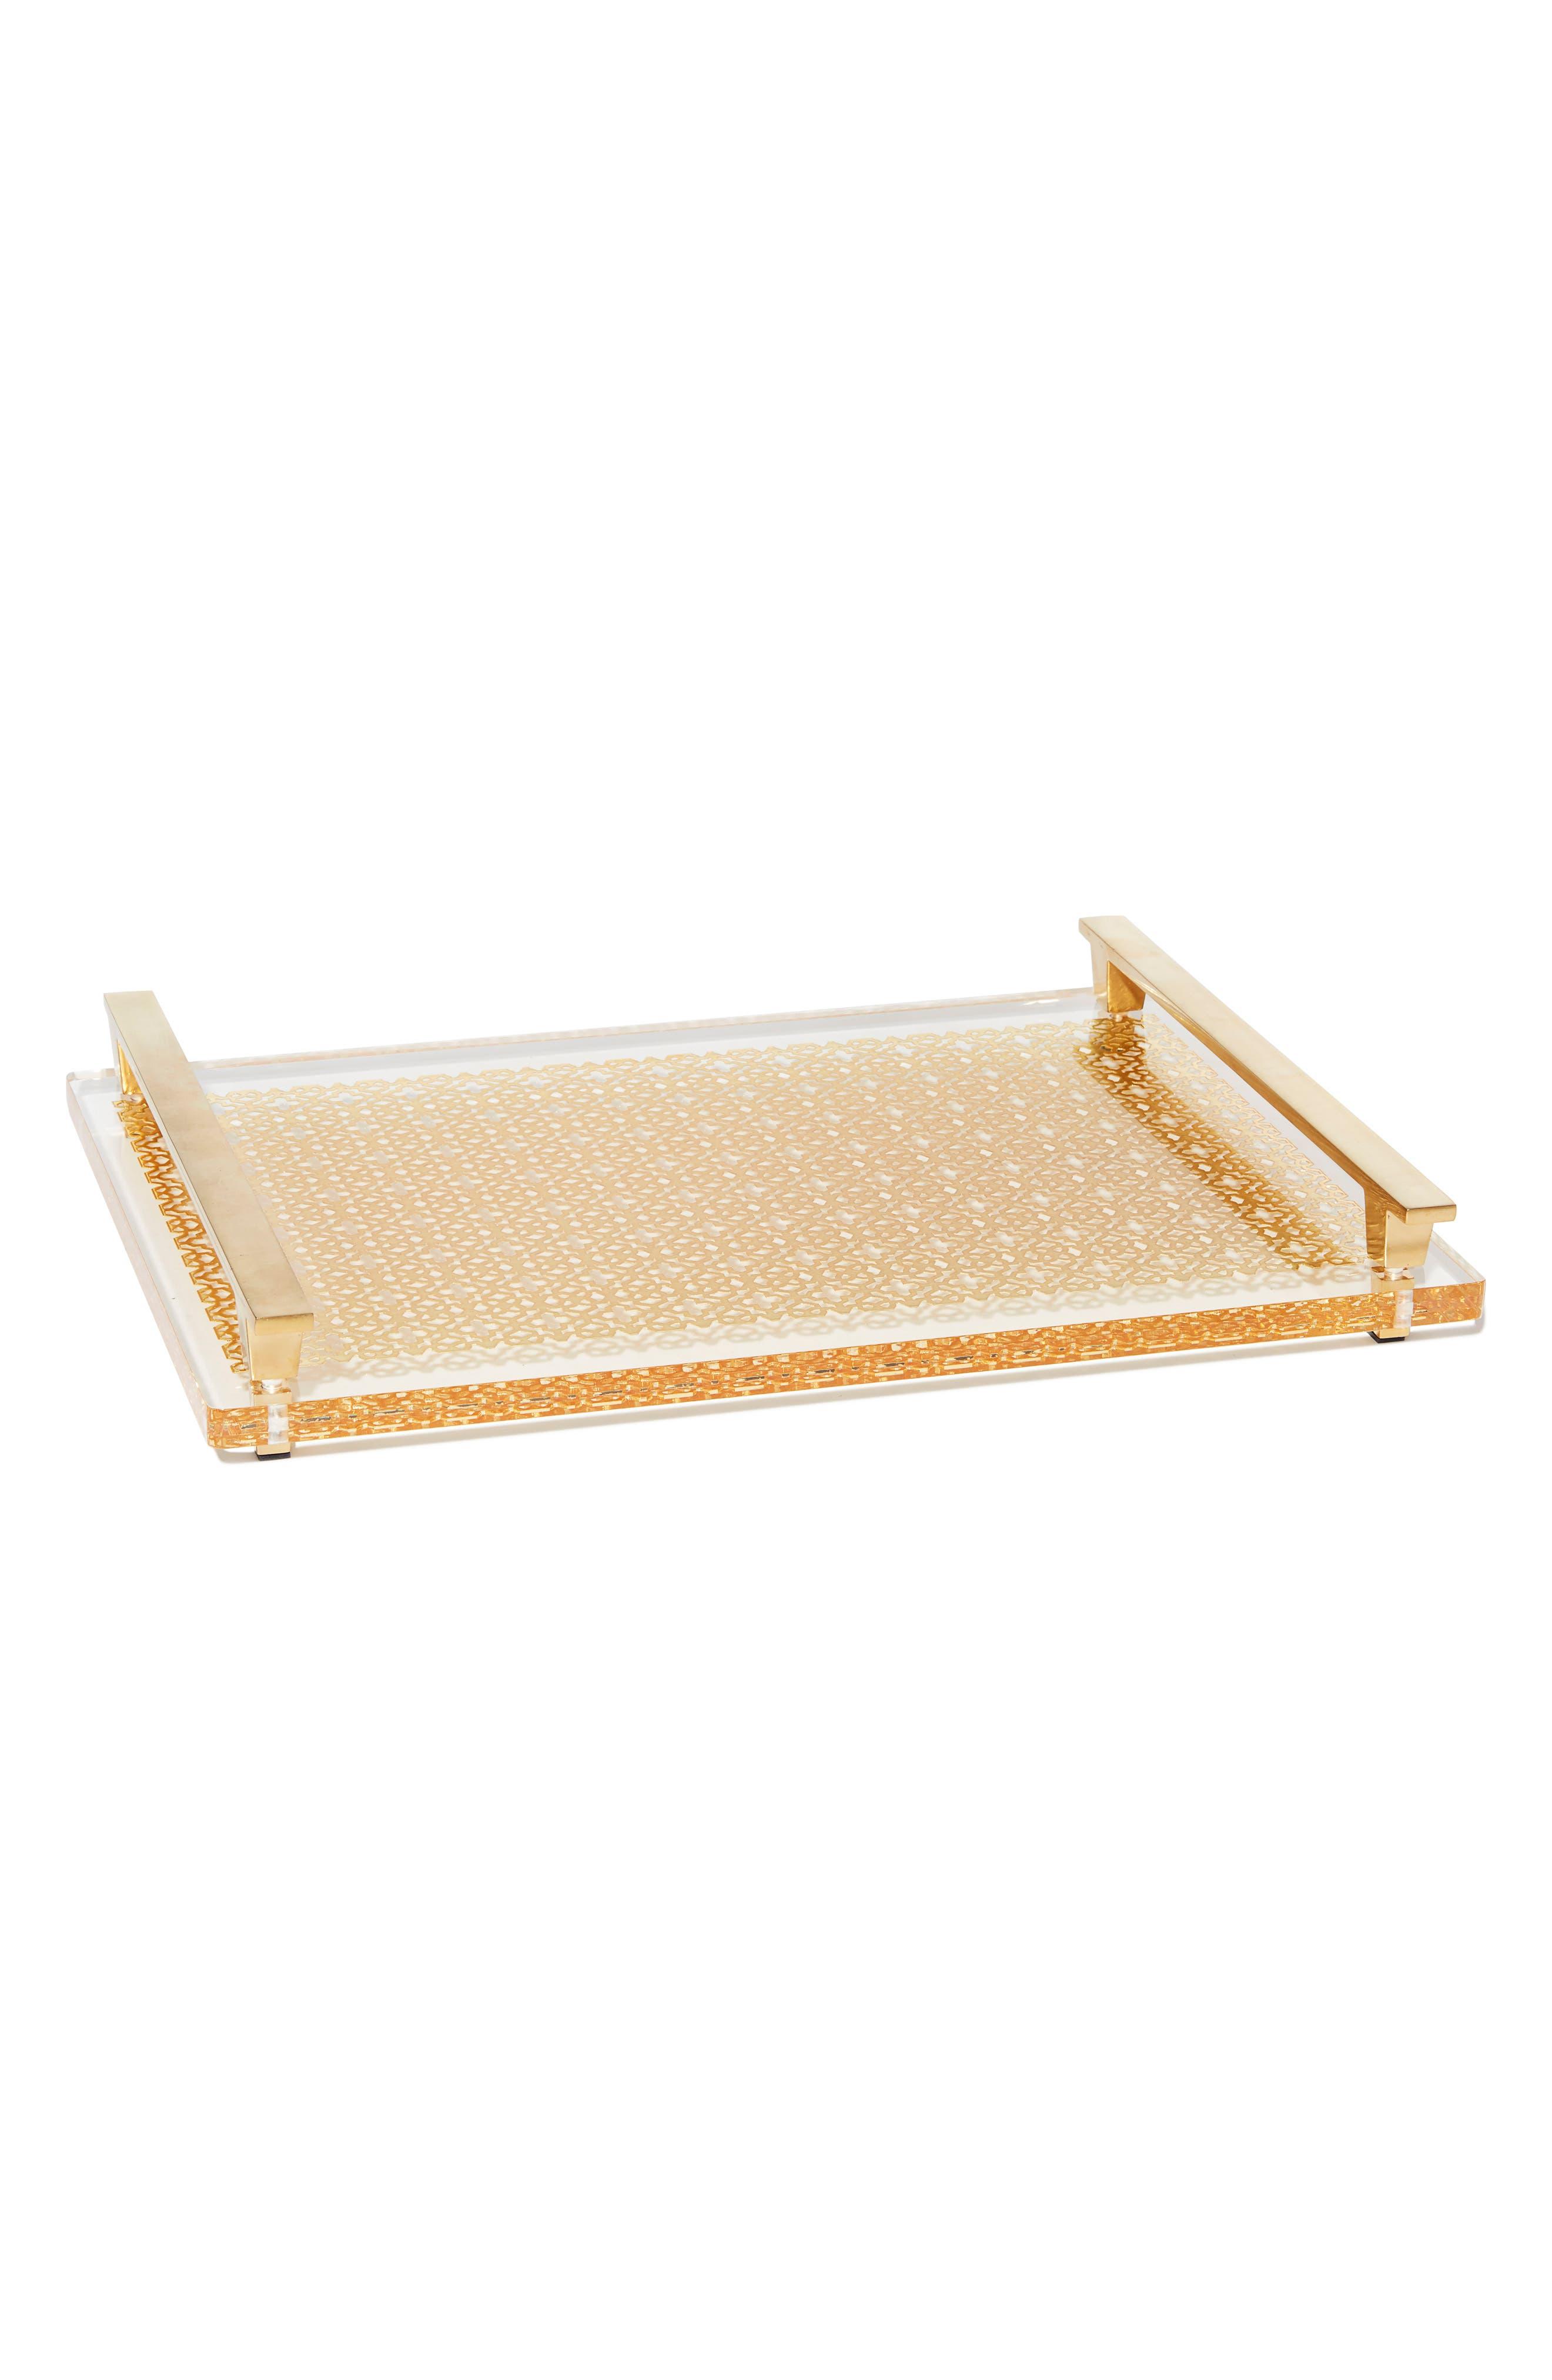 Filigree Acrylic Tray,                         Main,                         color, Bright Brass